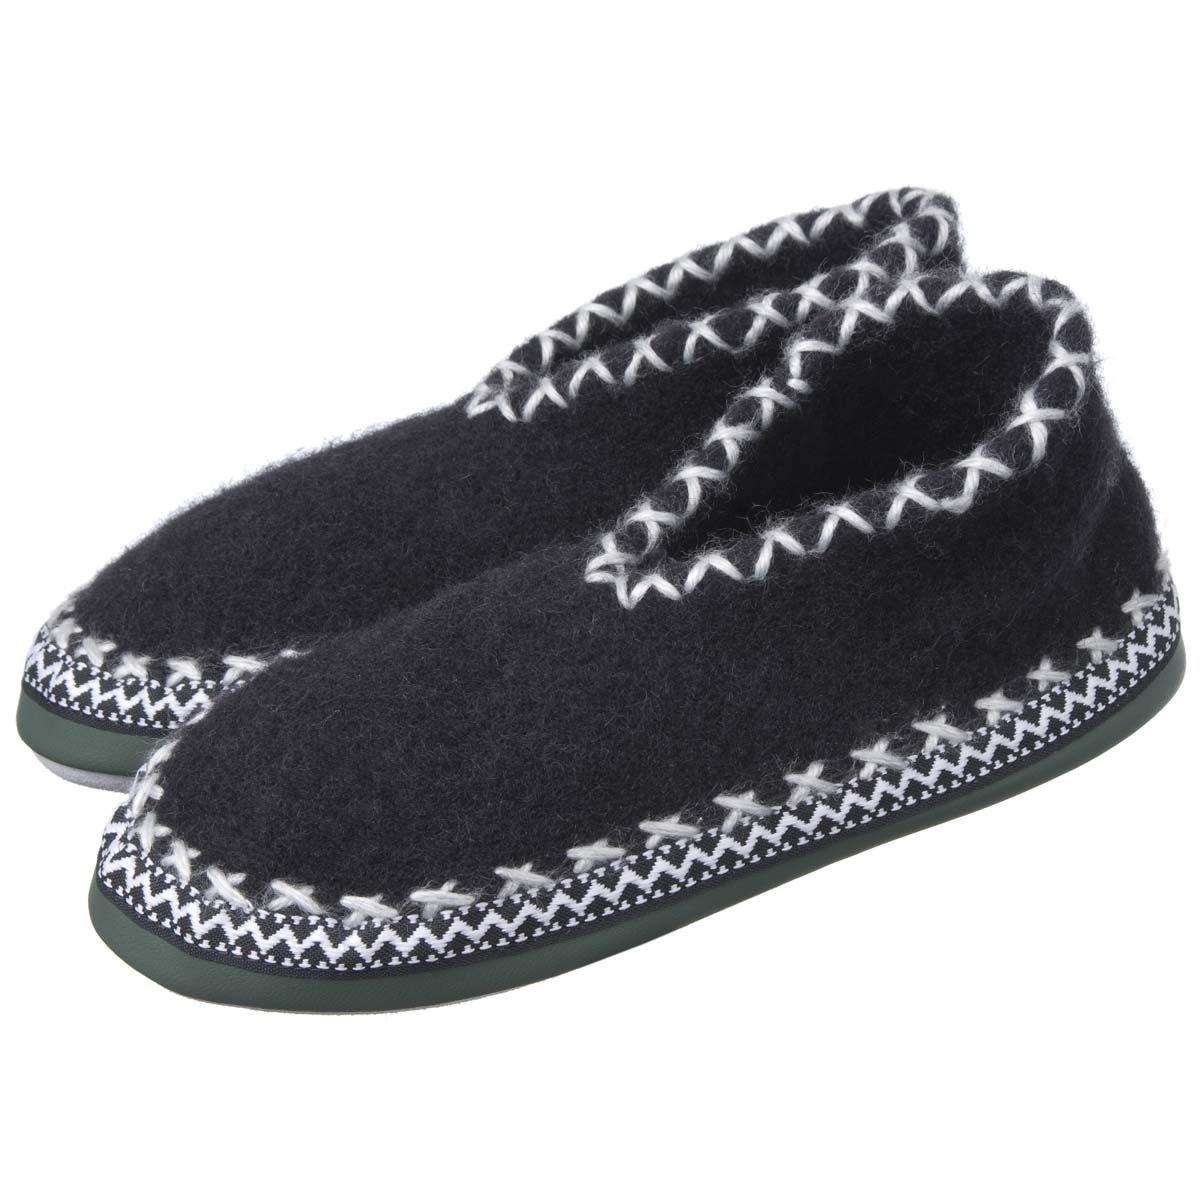 best authentic 1d276 617de Pantofole chiuse di lana con suola in pelle